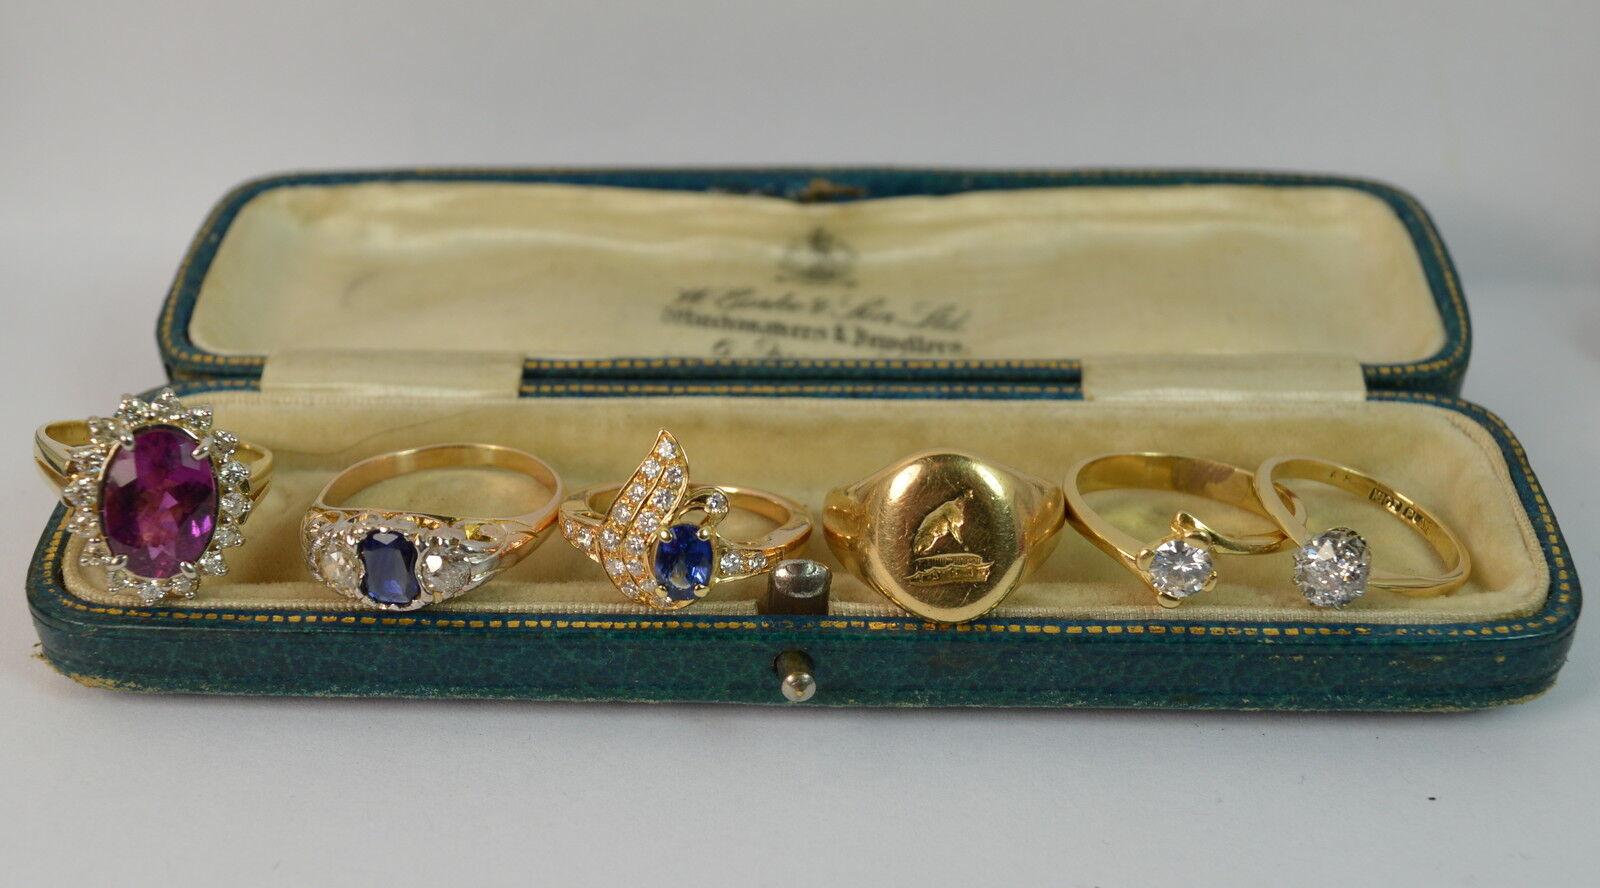 Dealbetweenus Jewellery